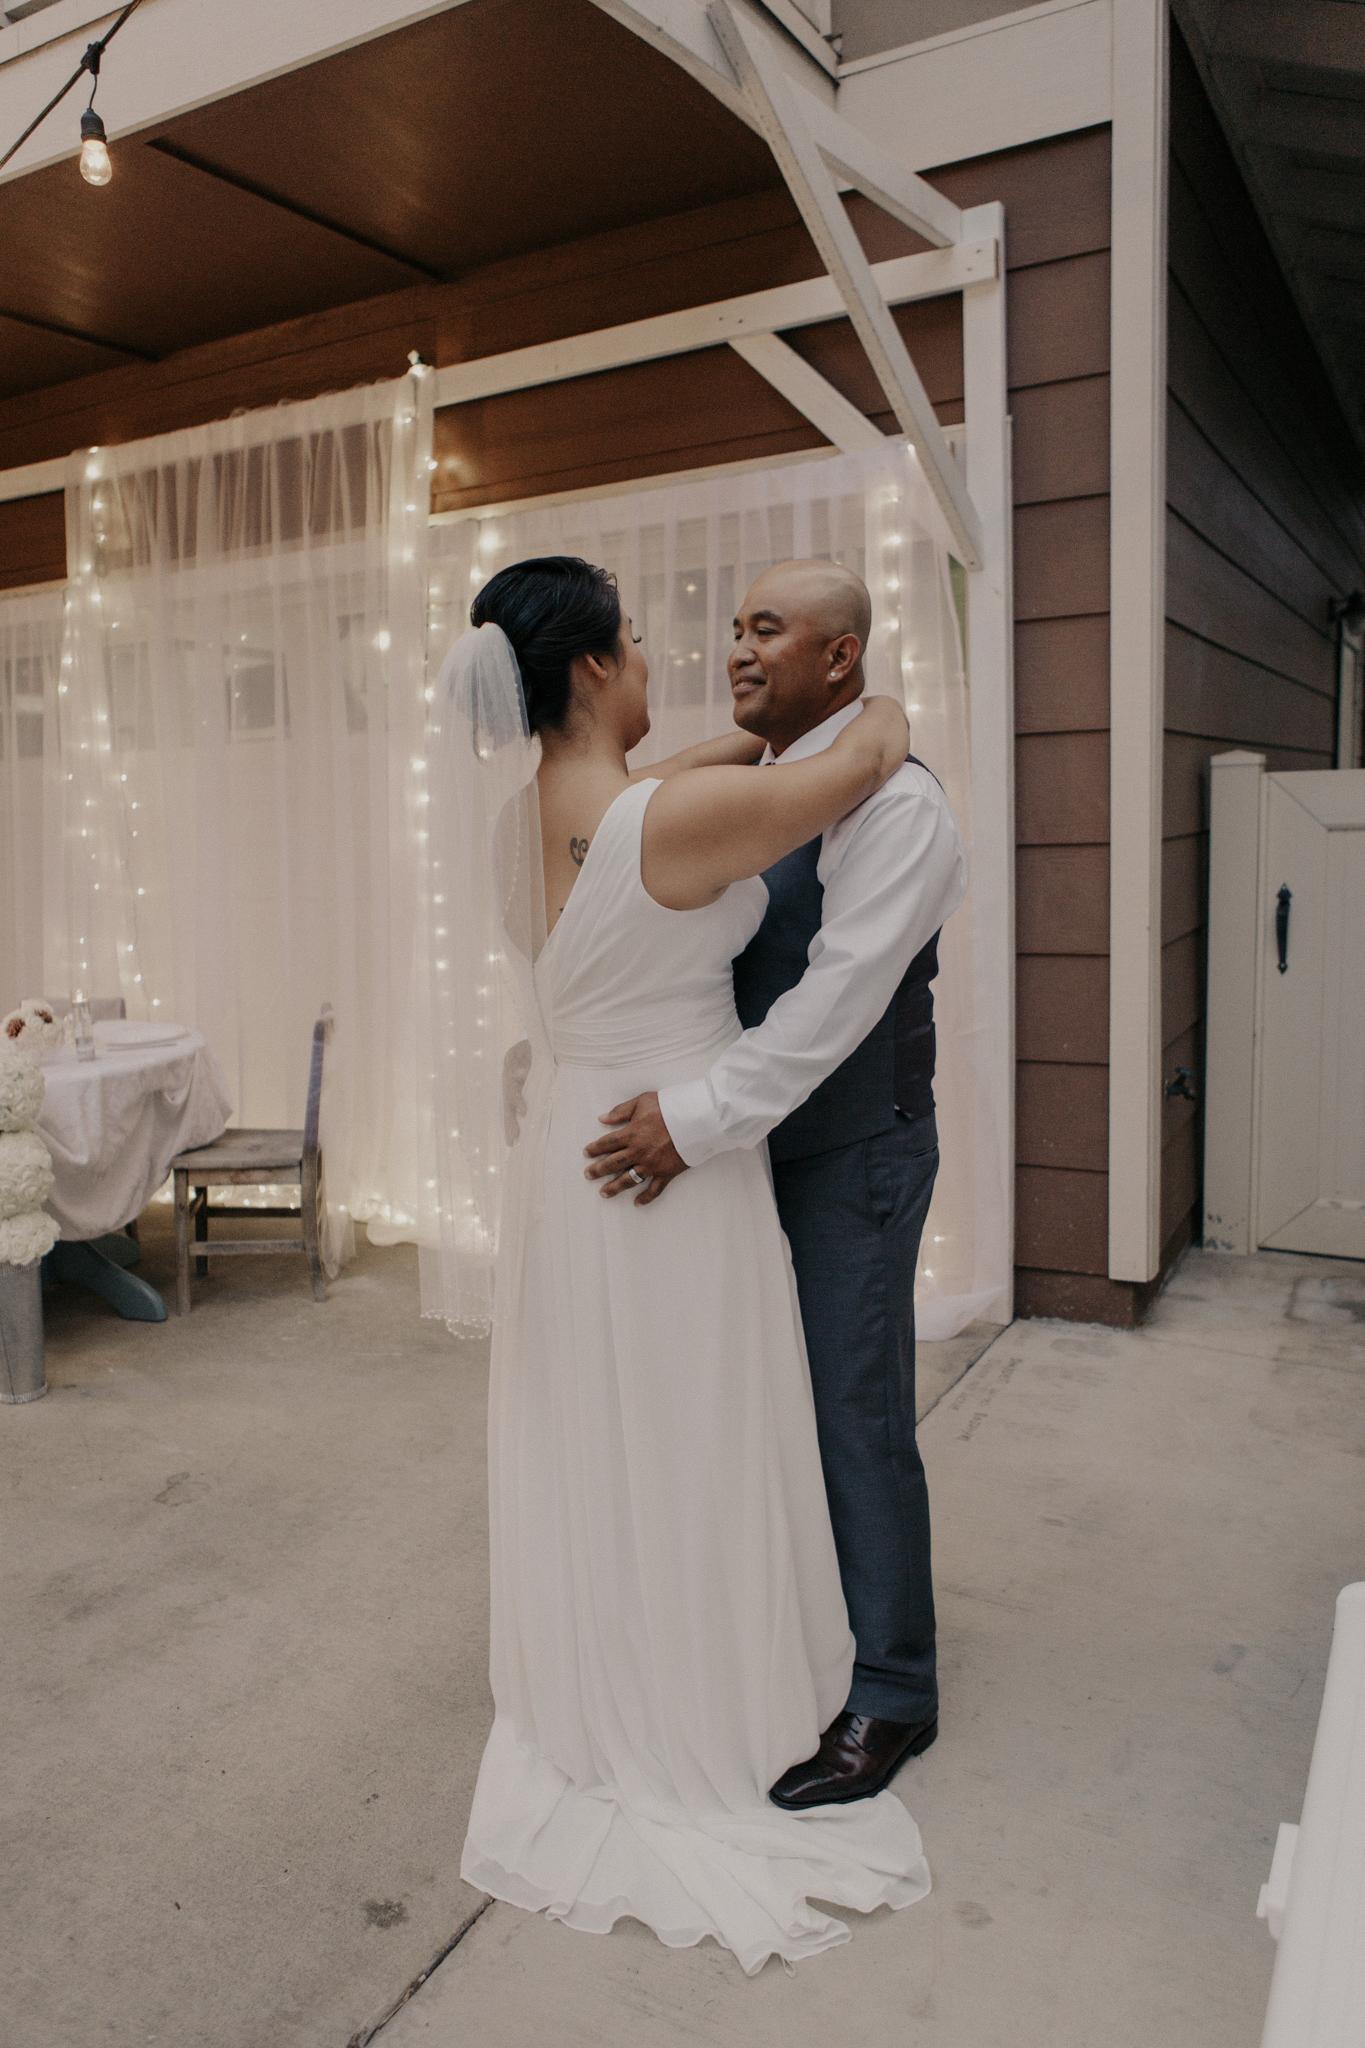 Garage wedding first dance